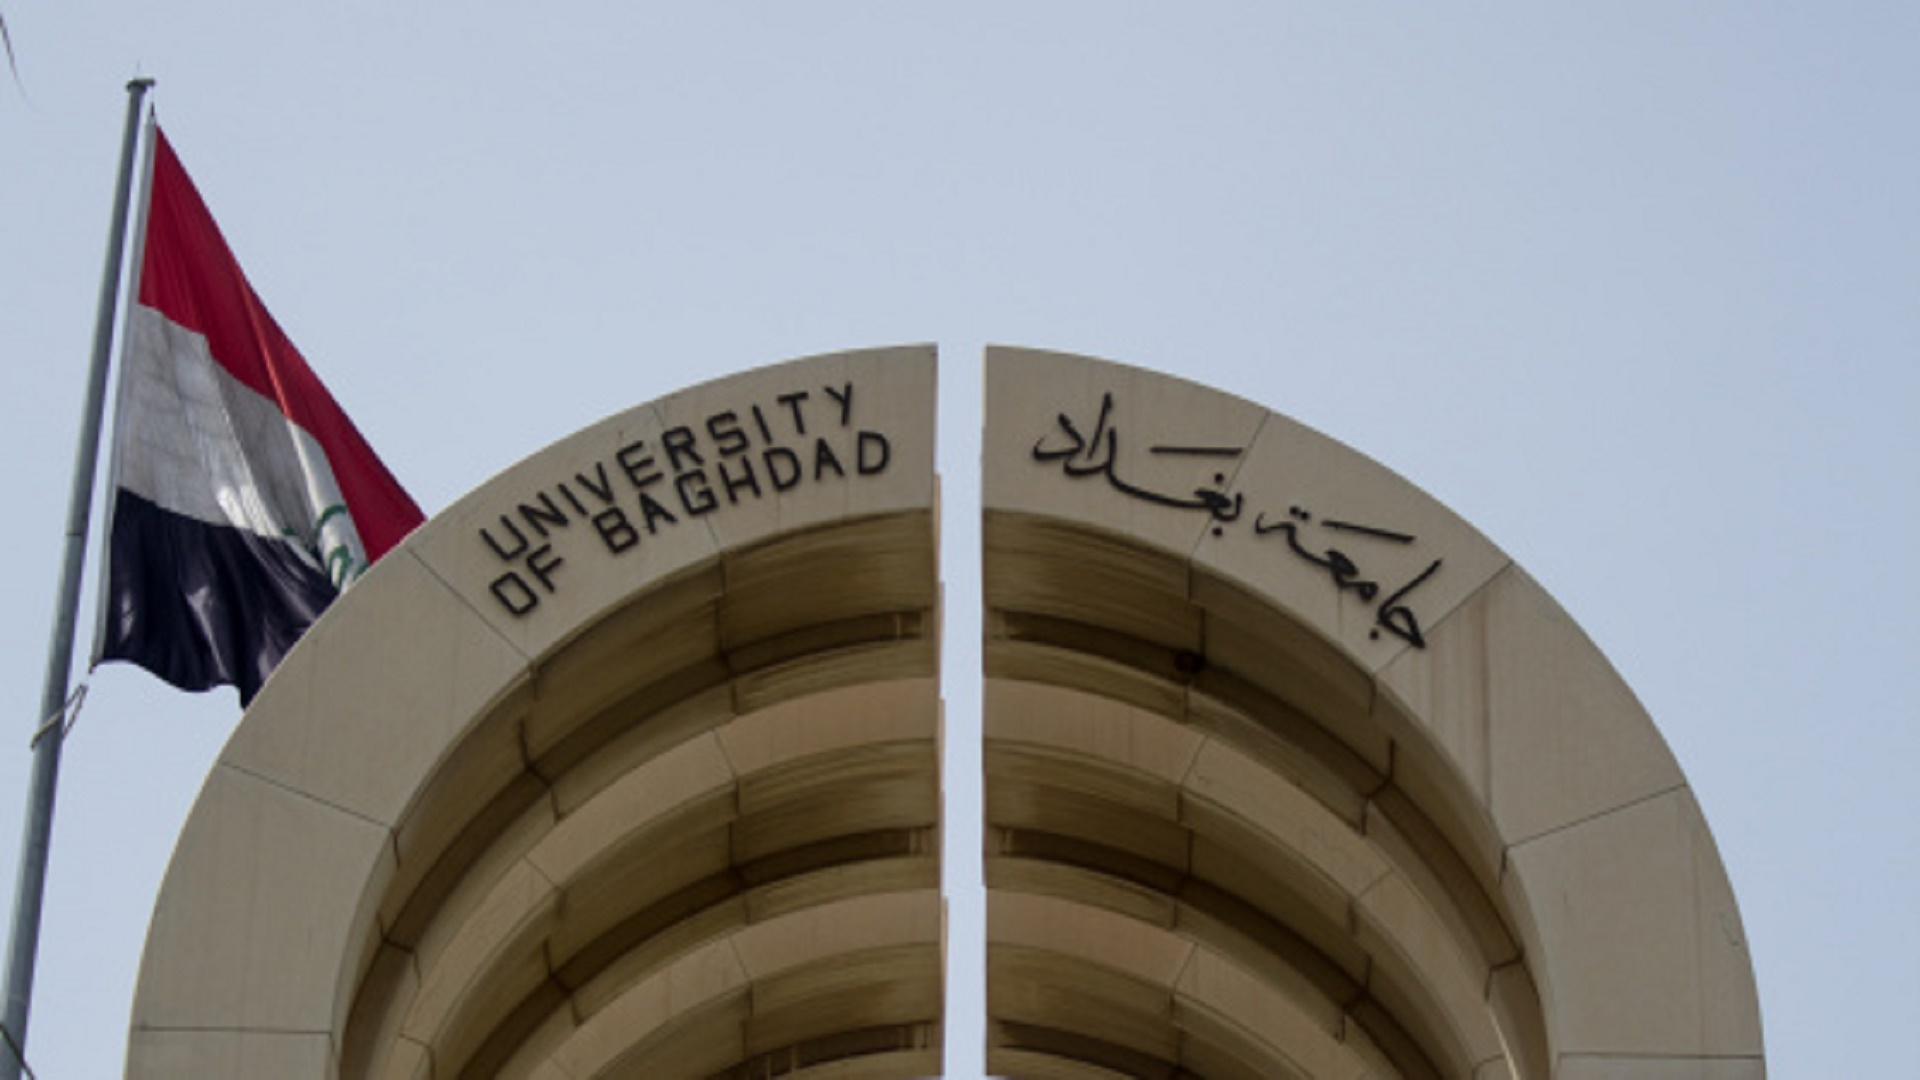 خمس جامعات عراقية ضمن تصنيف الأفضل من بين 1300 جامعة عالمية